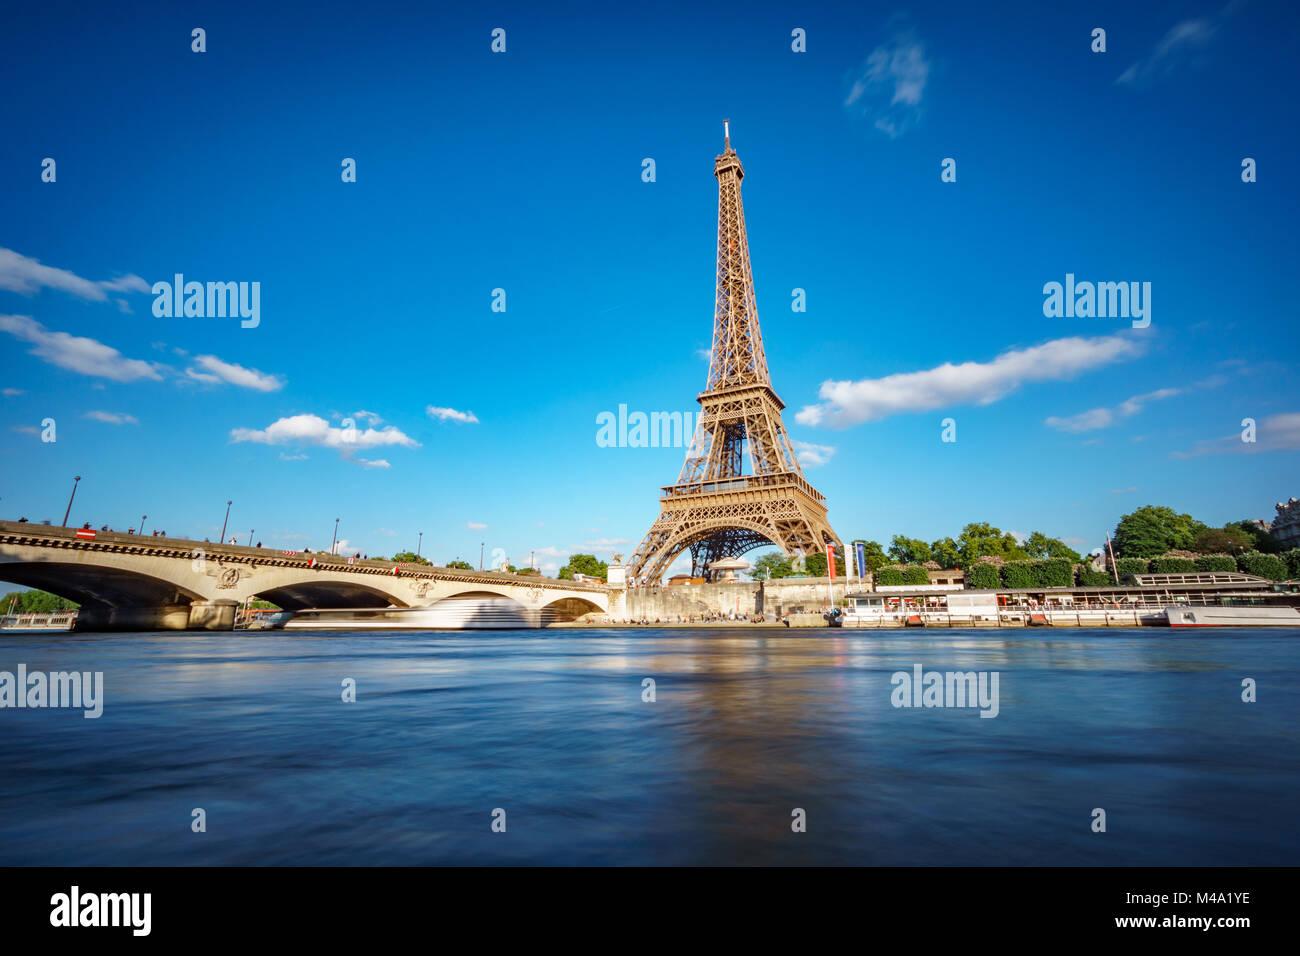 La tour Eiffel et de la Seine River long exposure Photo Stock